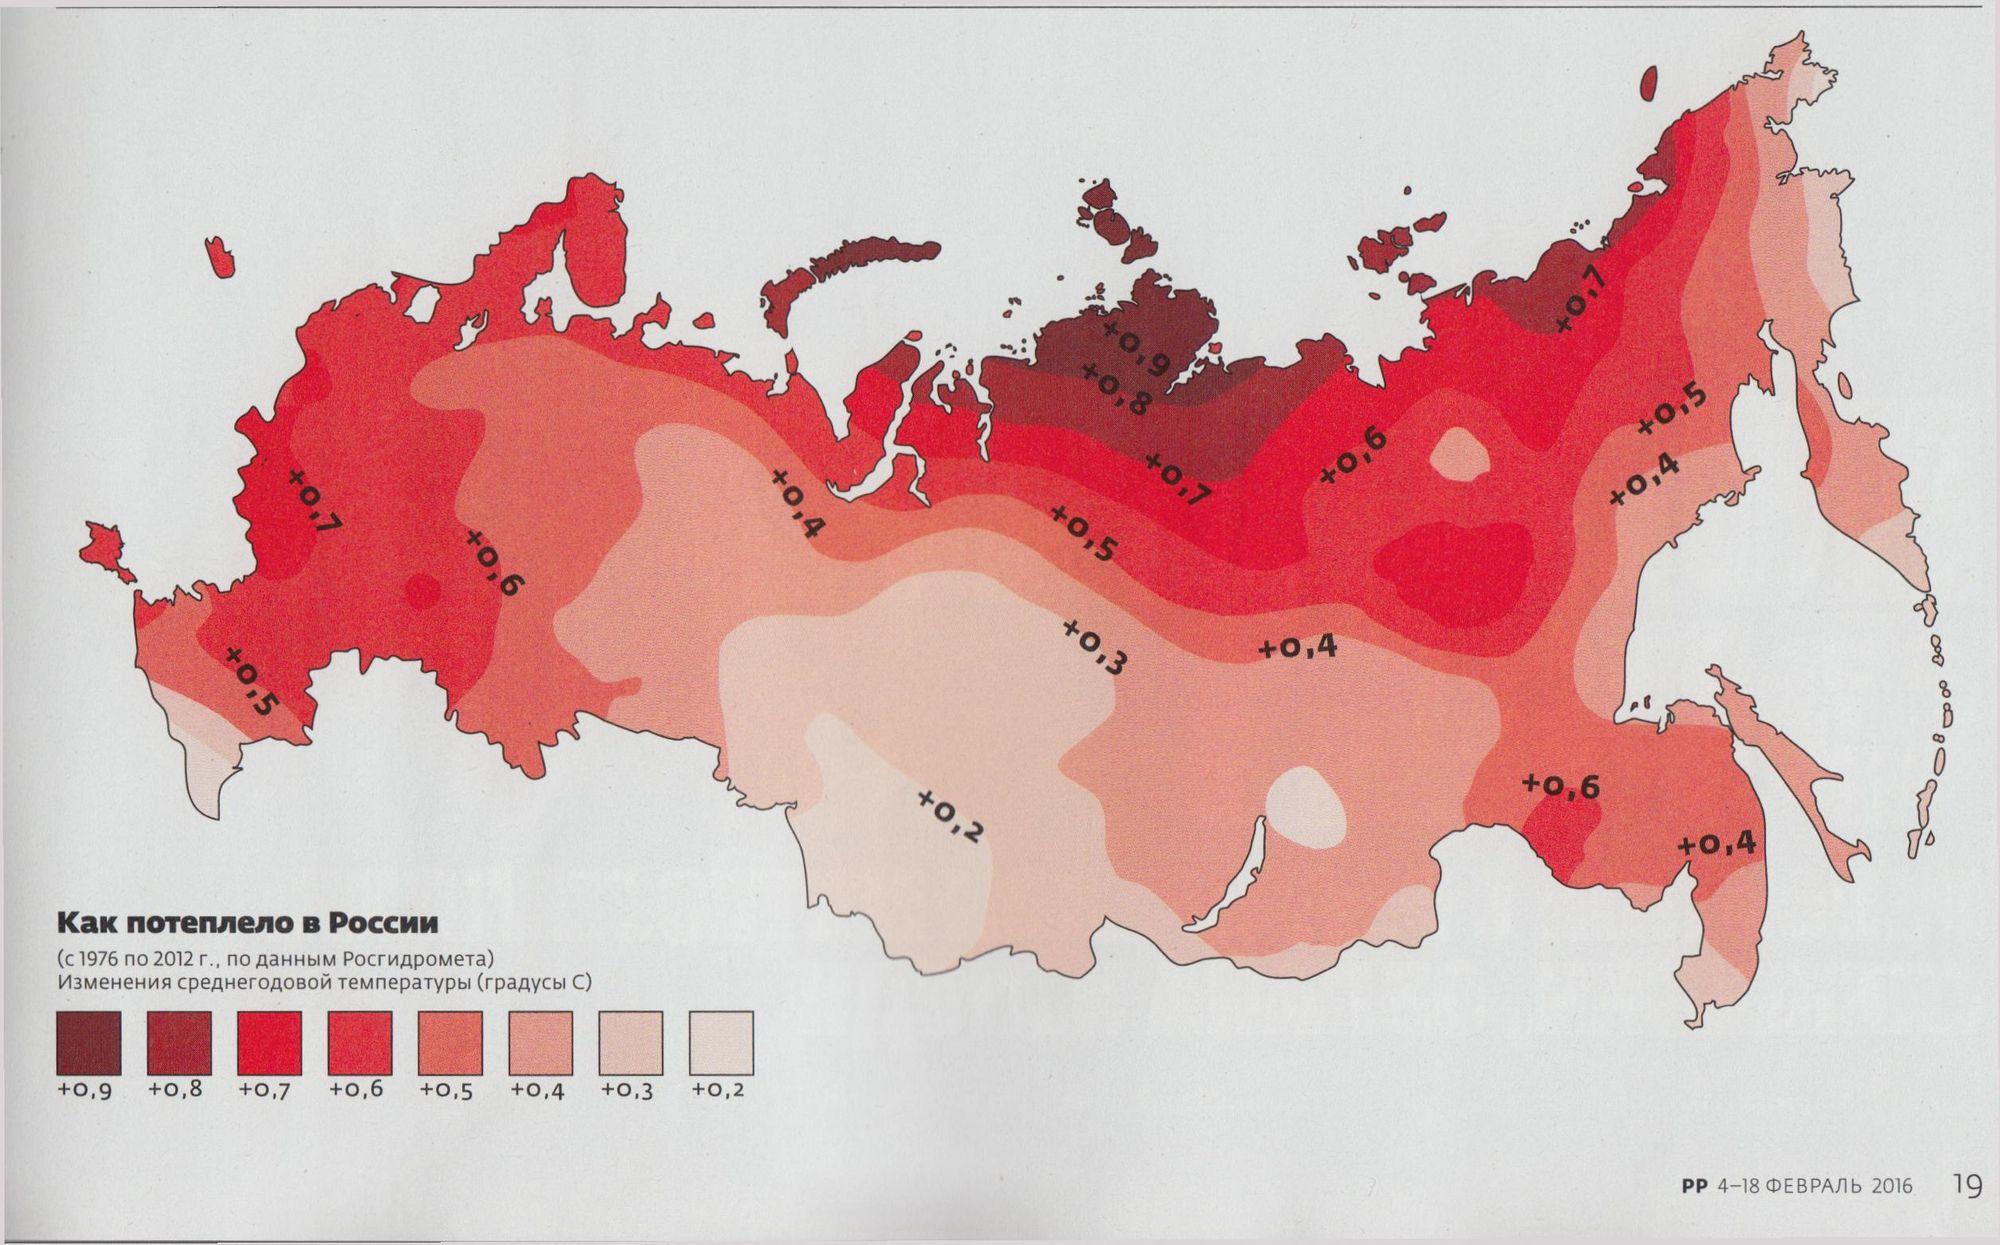 потепление в России